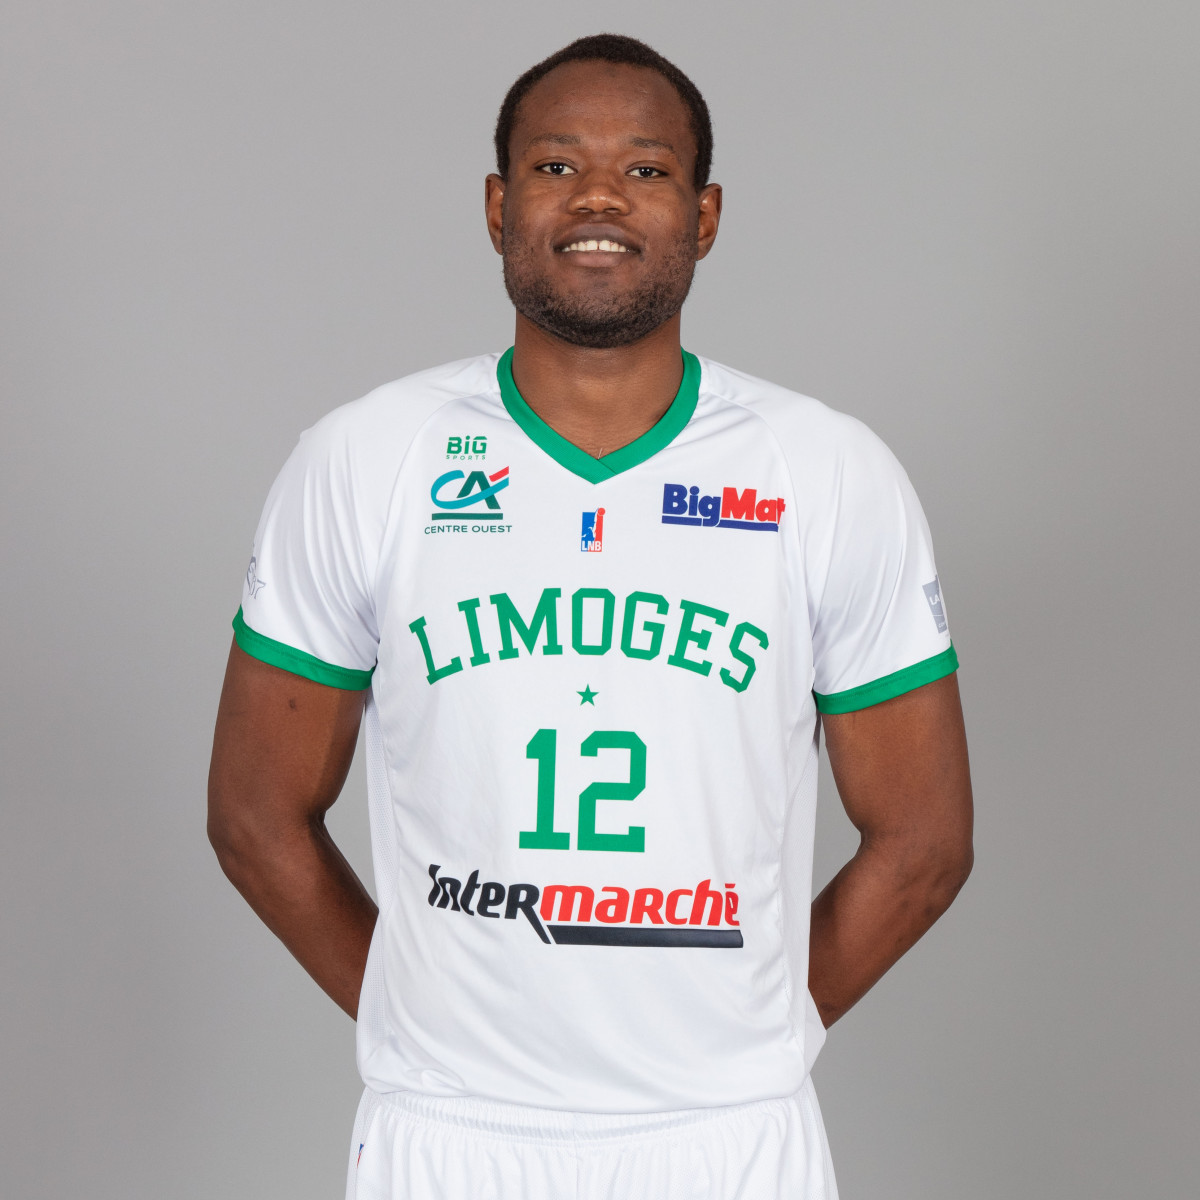 Photo of Atoumane Diagne, 2019-2020 season